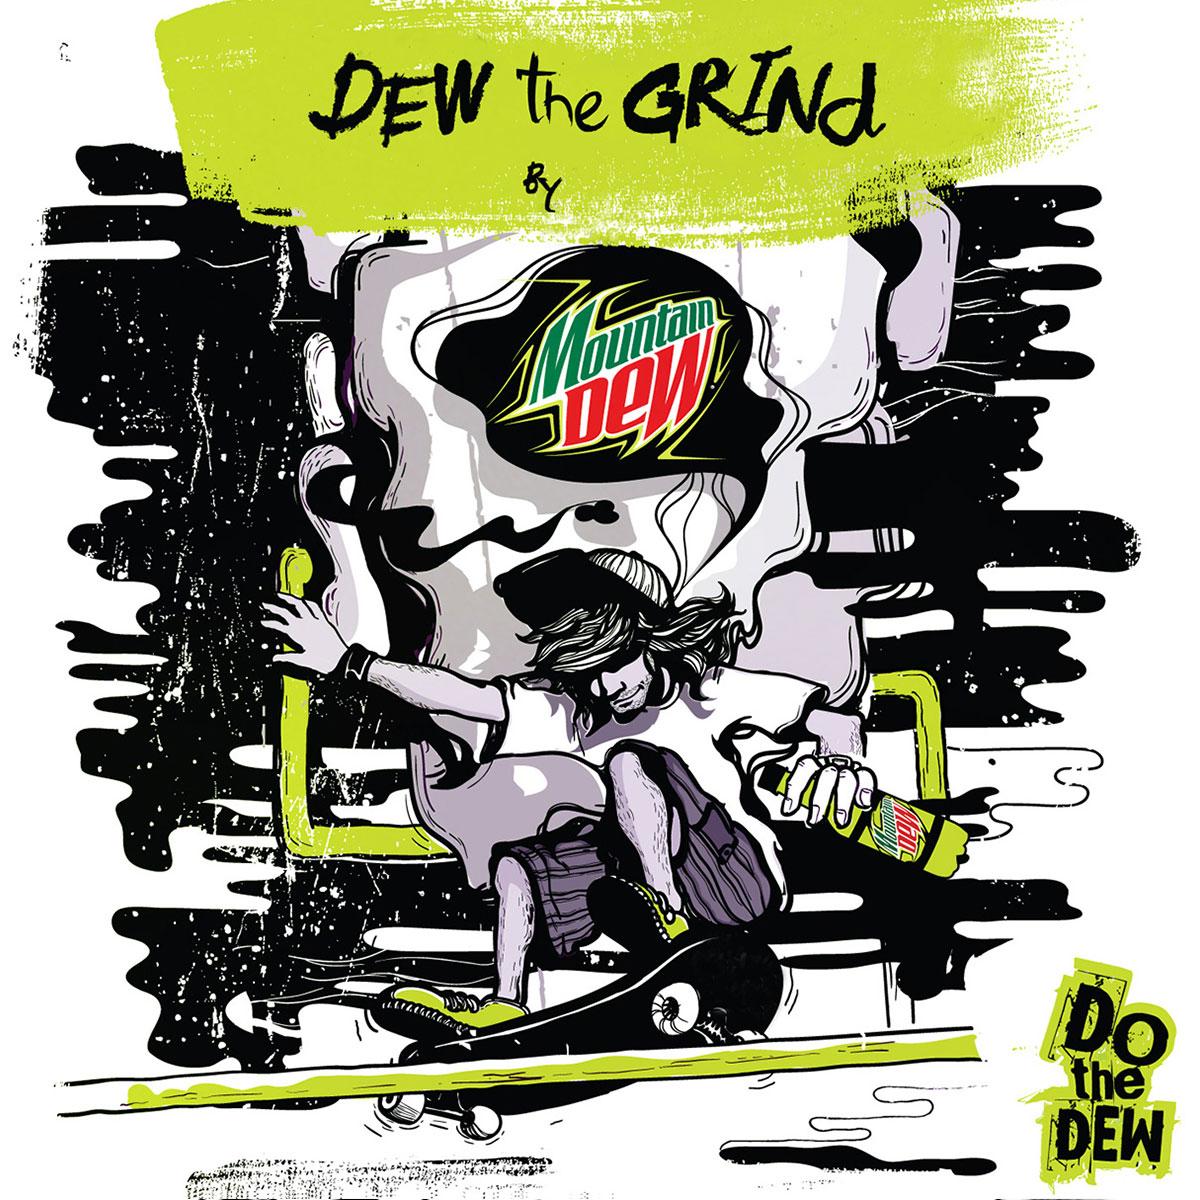 dew-the-grind-illustration